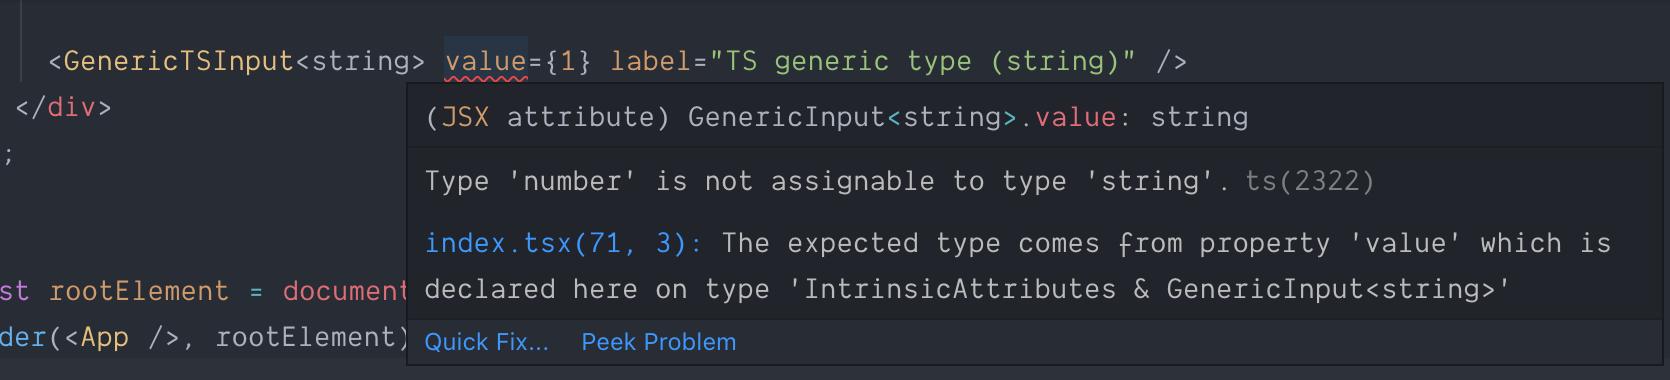 TypeScript error for generics